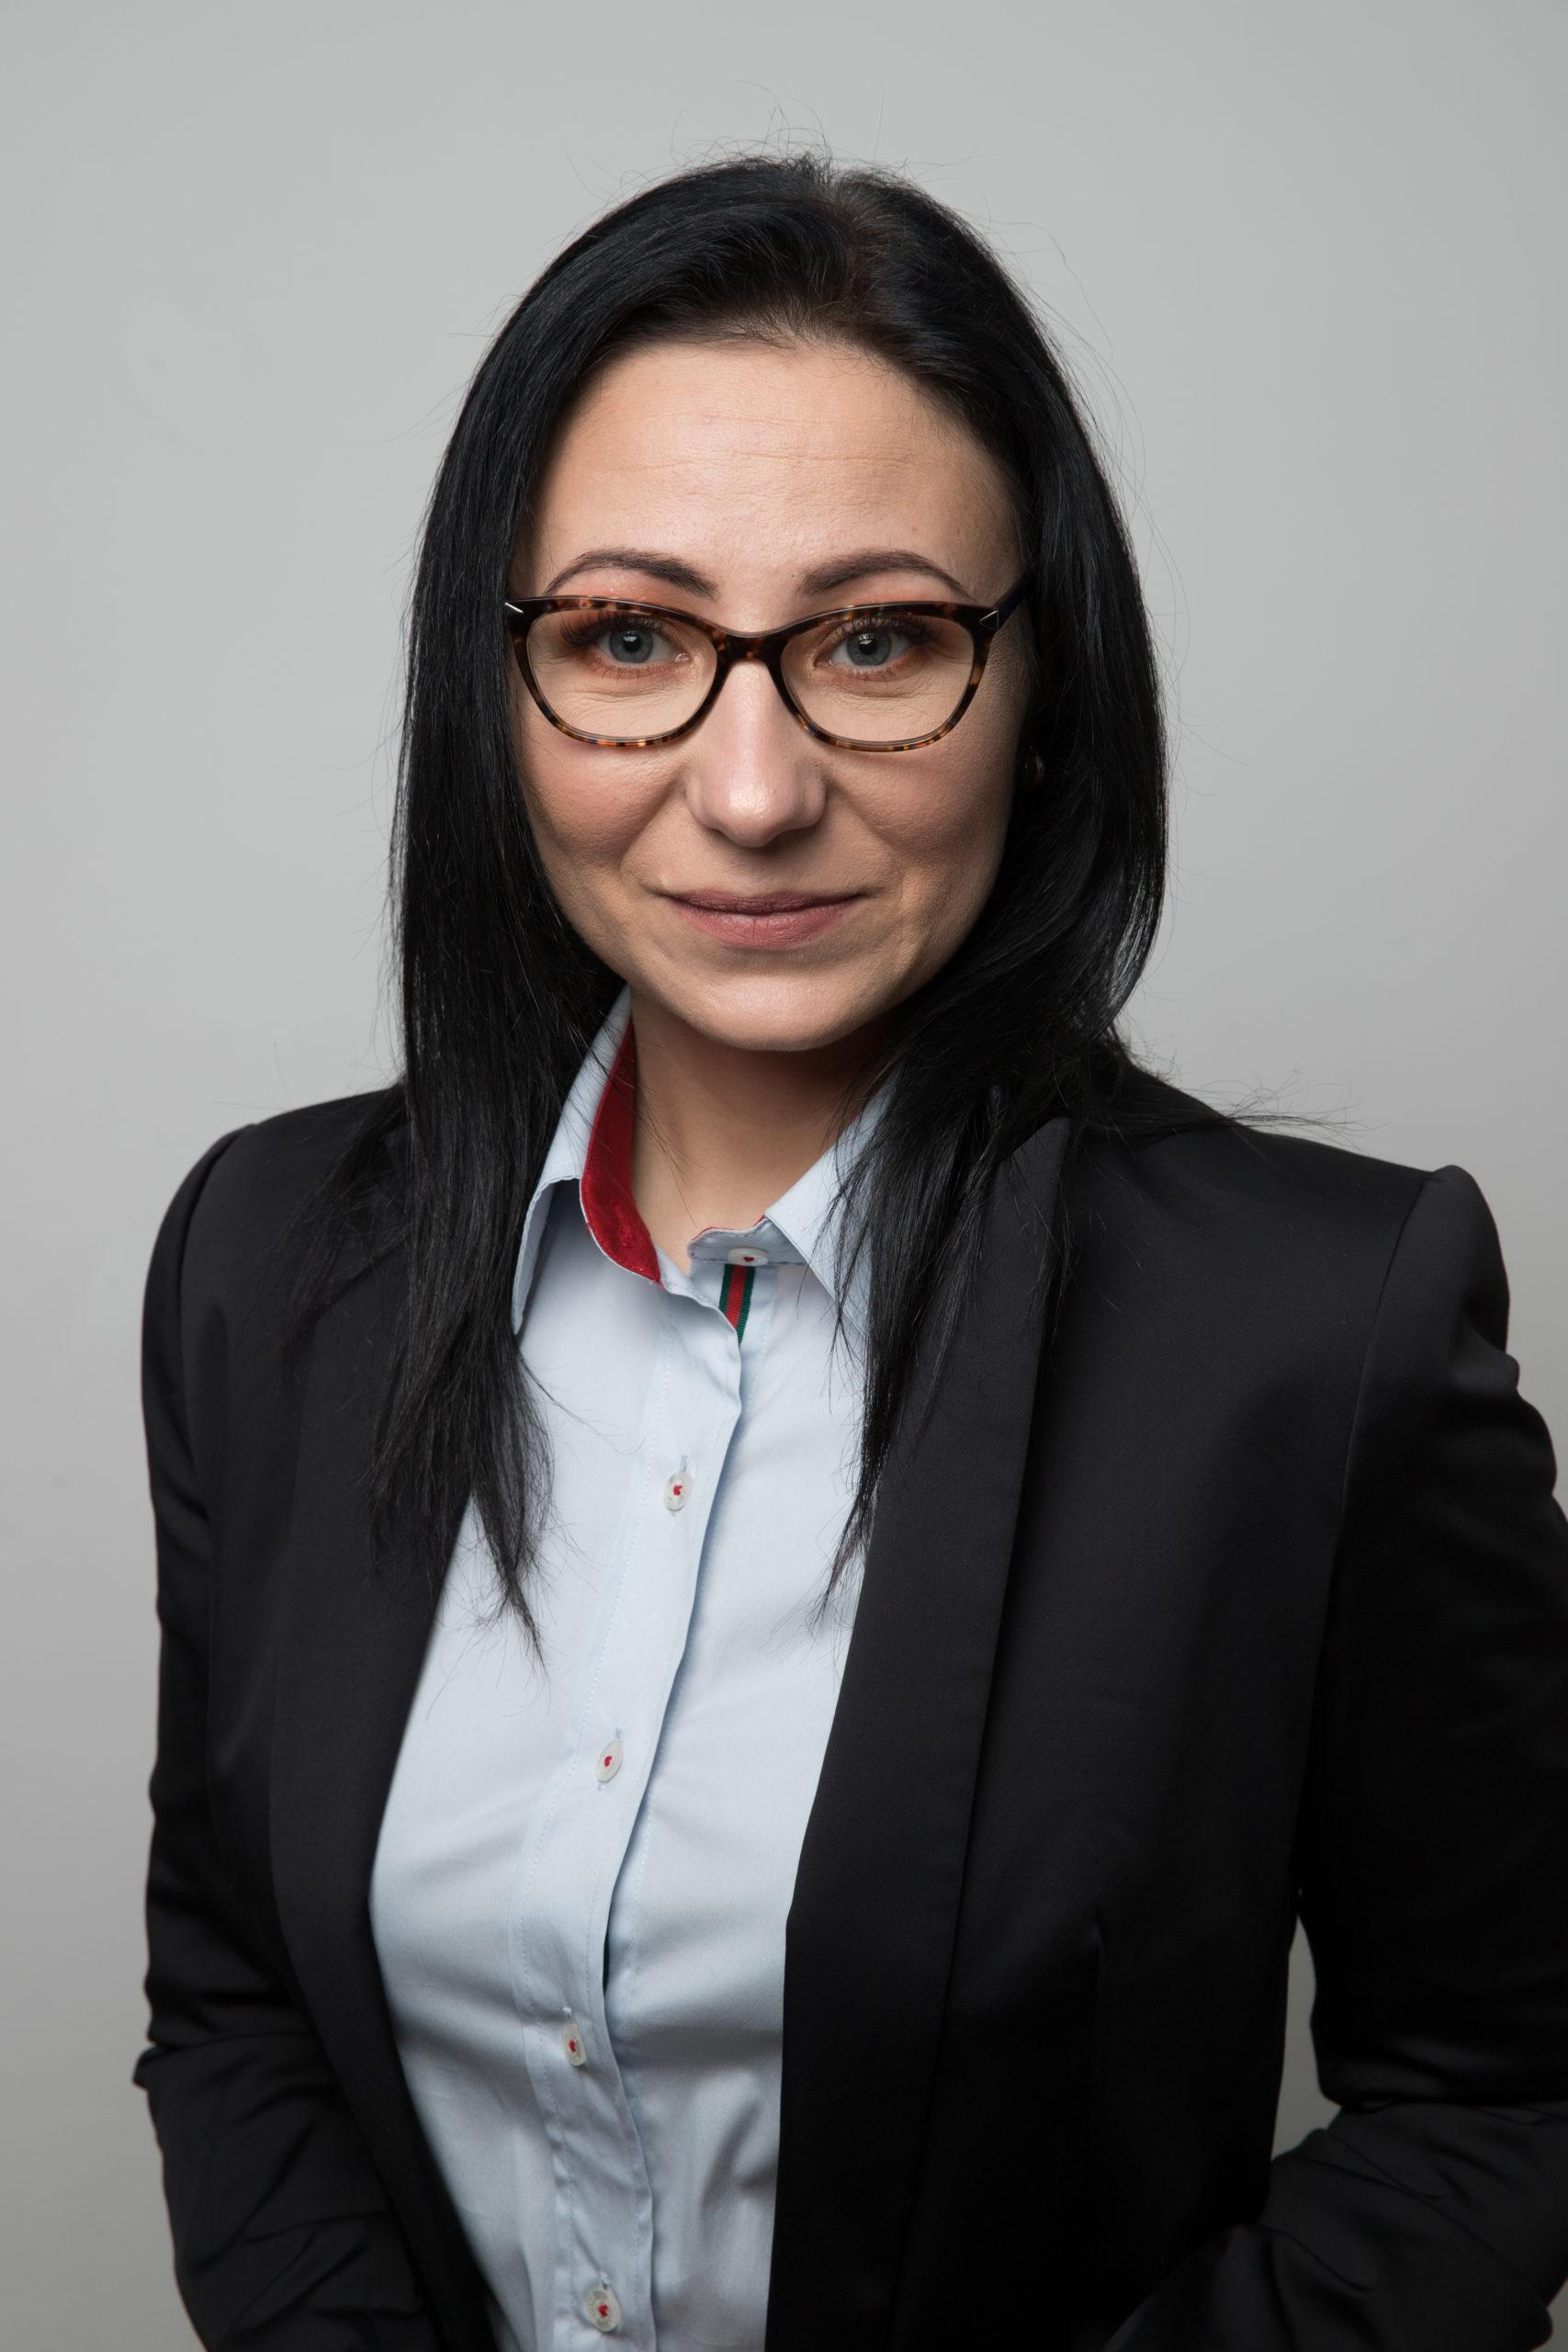 Irina Barariu